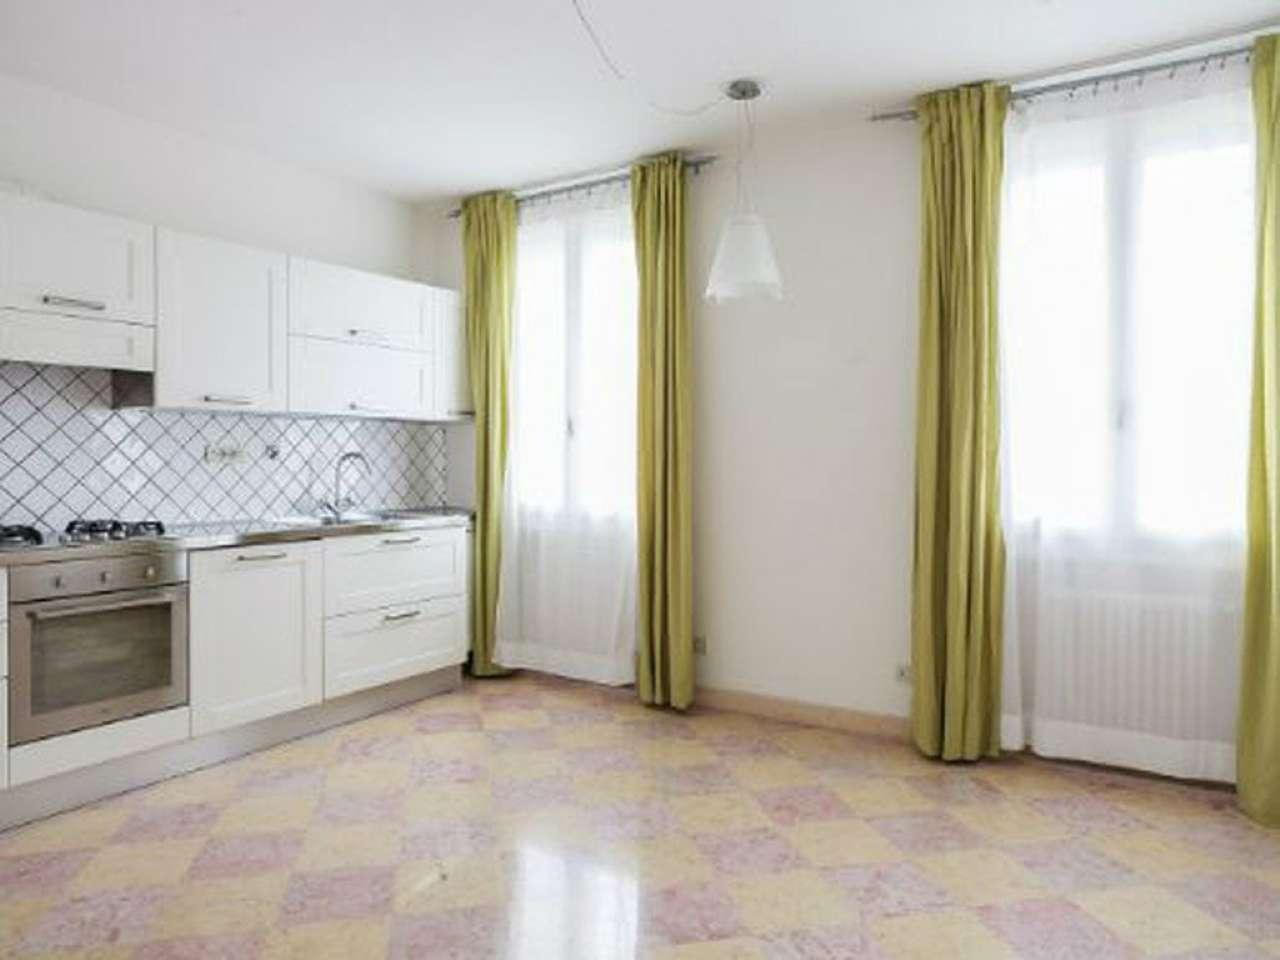 villa casa affitto bologna di metri quadrati 450 prezzo 2500 nella zona di borgo panigale rif 12